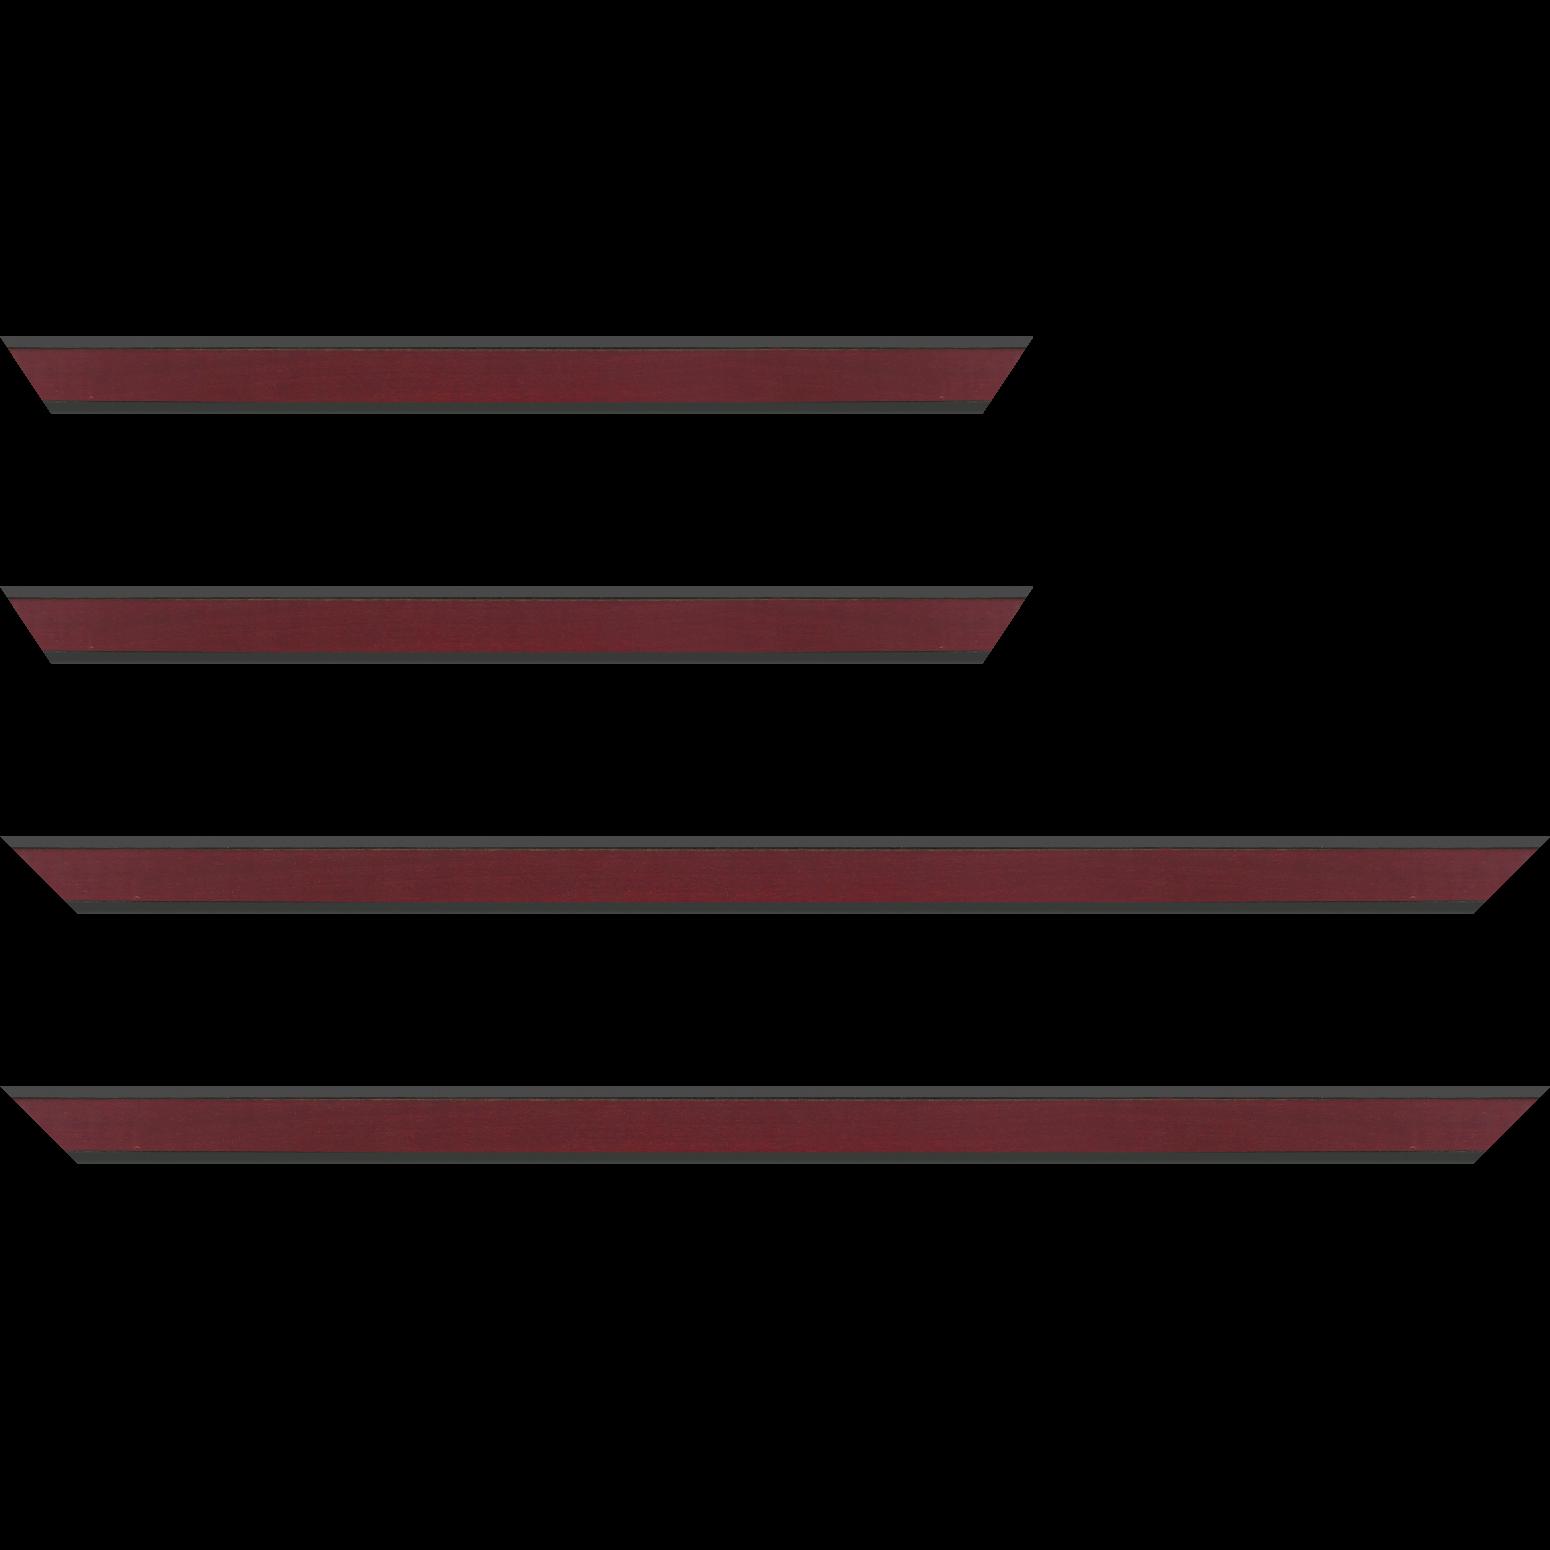 Baguette service précoupé Bois essence marupa profil plat largeur 2.5cm plaquage érable teinté bordeaux, filet intérieur et extérieur gris foncé